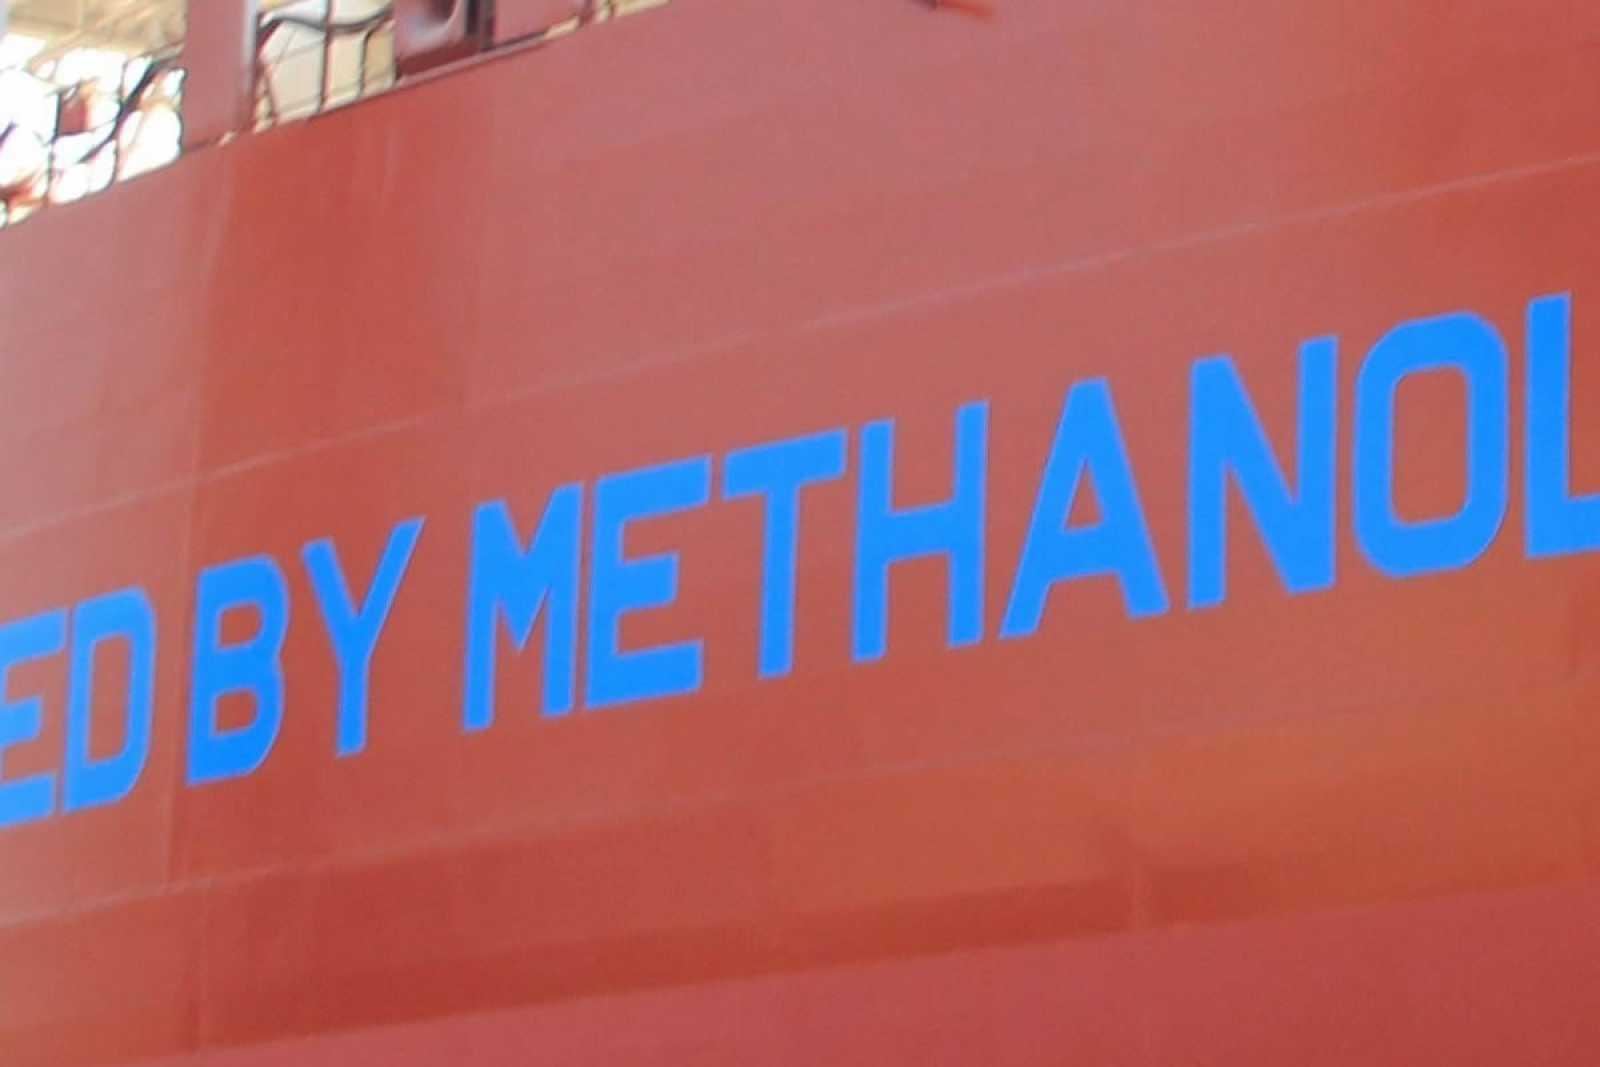 Methanol 75n9b5paf